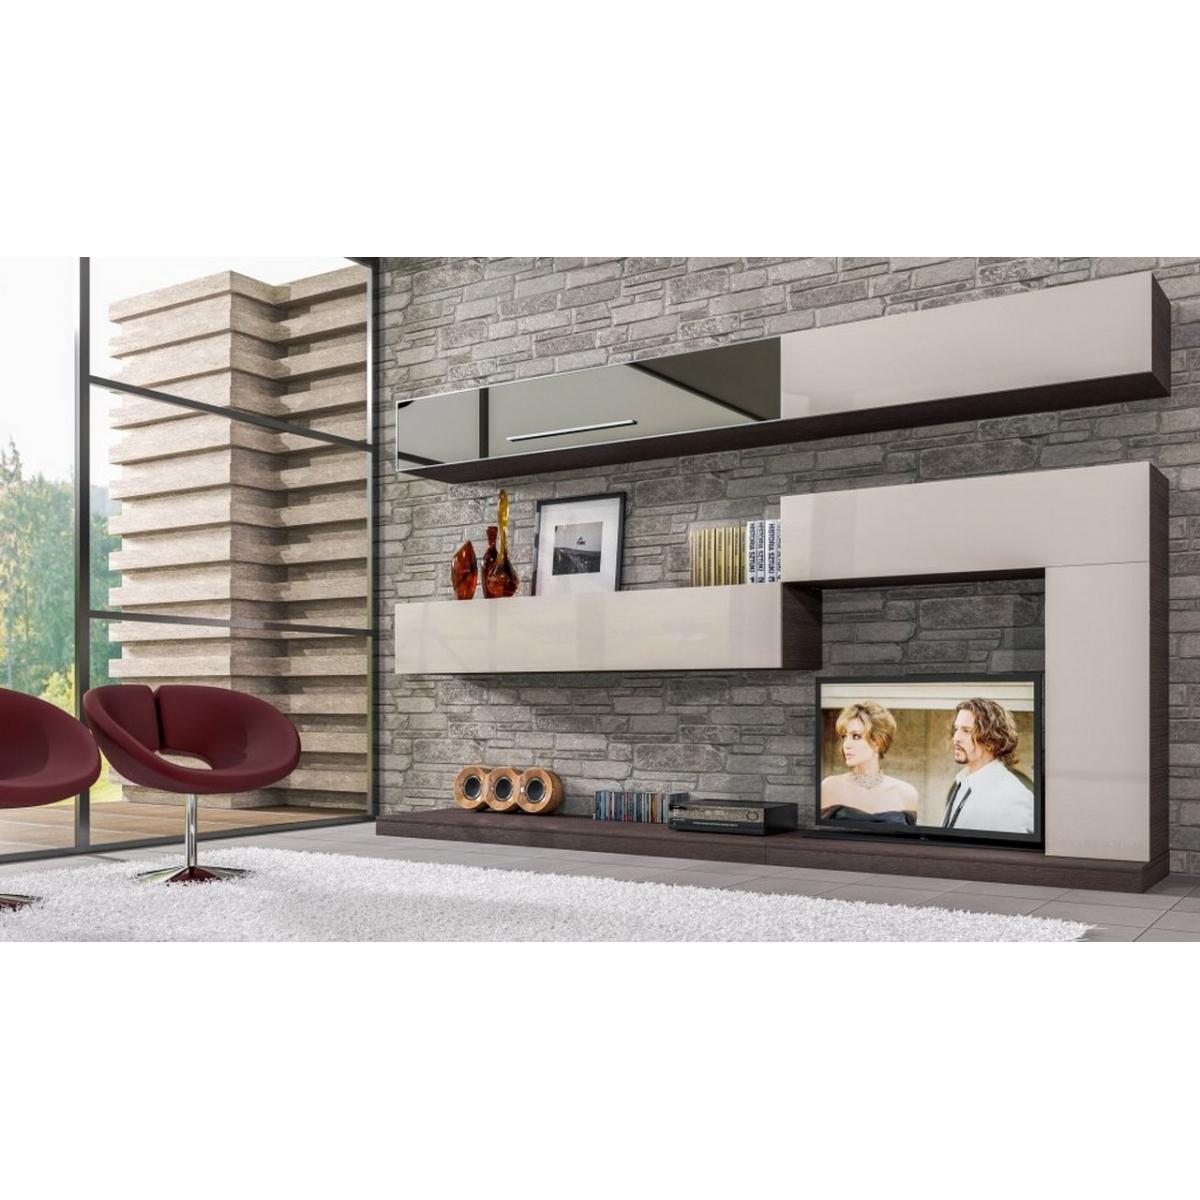 104 soggiorno moderno bianco lucido visone for Soggiorno moderno bianco